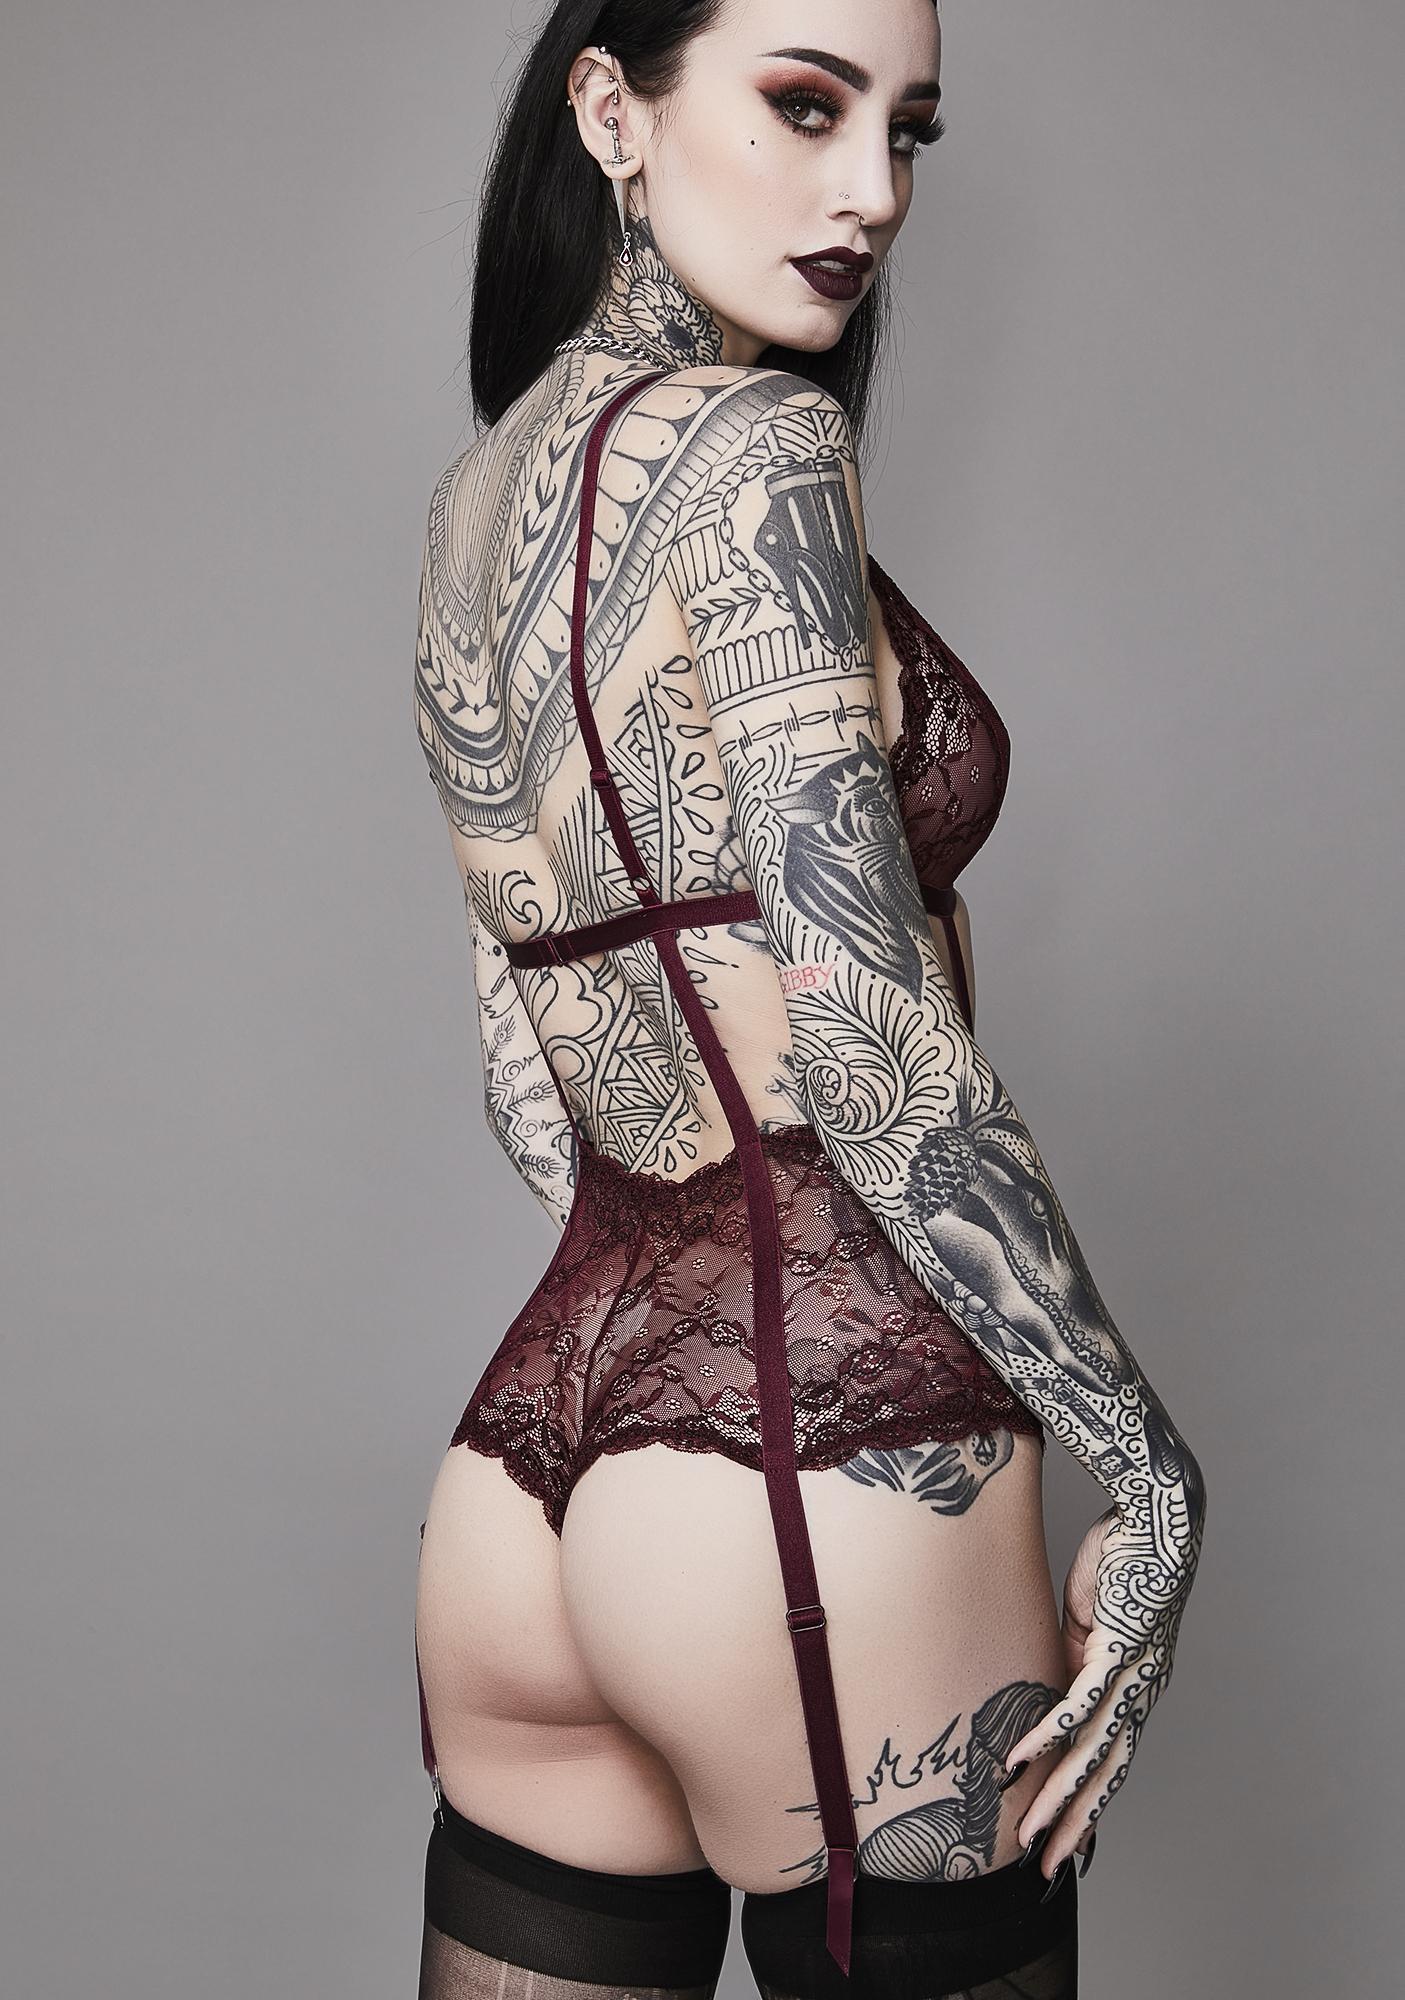 Widow Wine She Is The Dark Lace Bodysuit